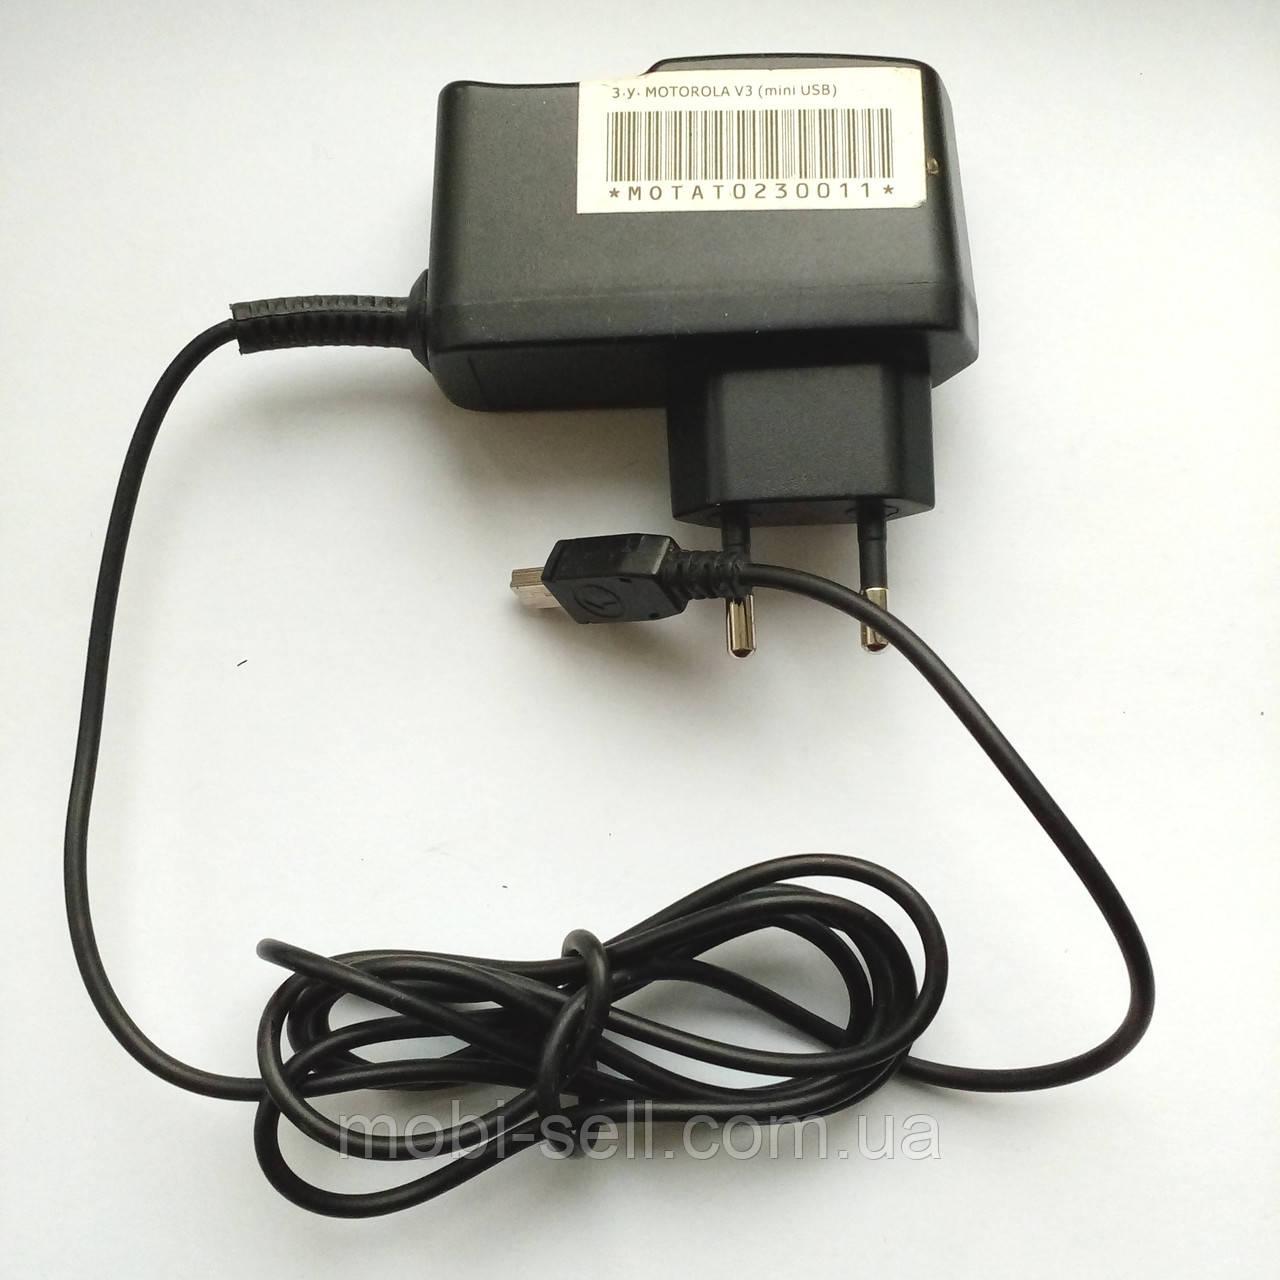 Зарядное устройство LG G1800; Motorola A780, E1070, E680, E770, L2, L6, U6, V235, V3, V360, V3c, V3i, V3r, V3x